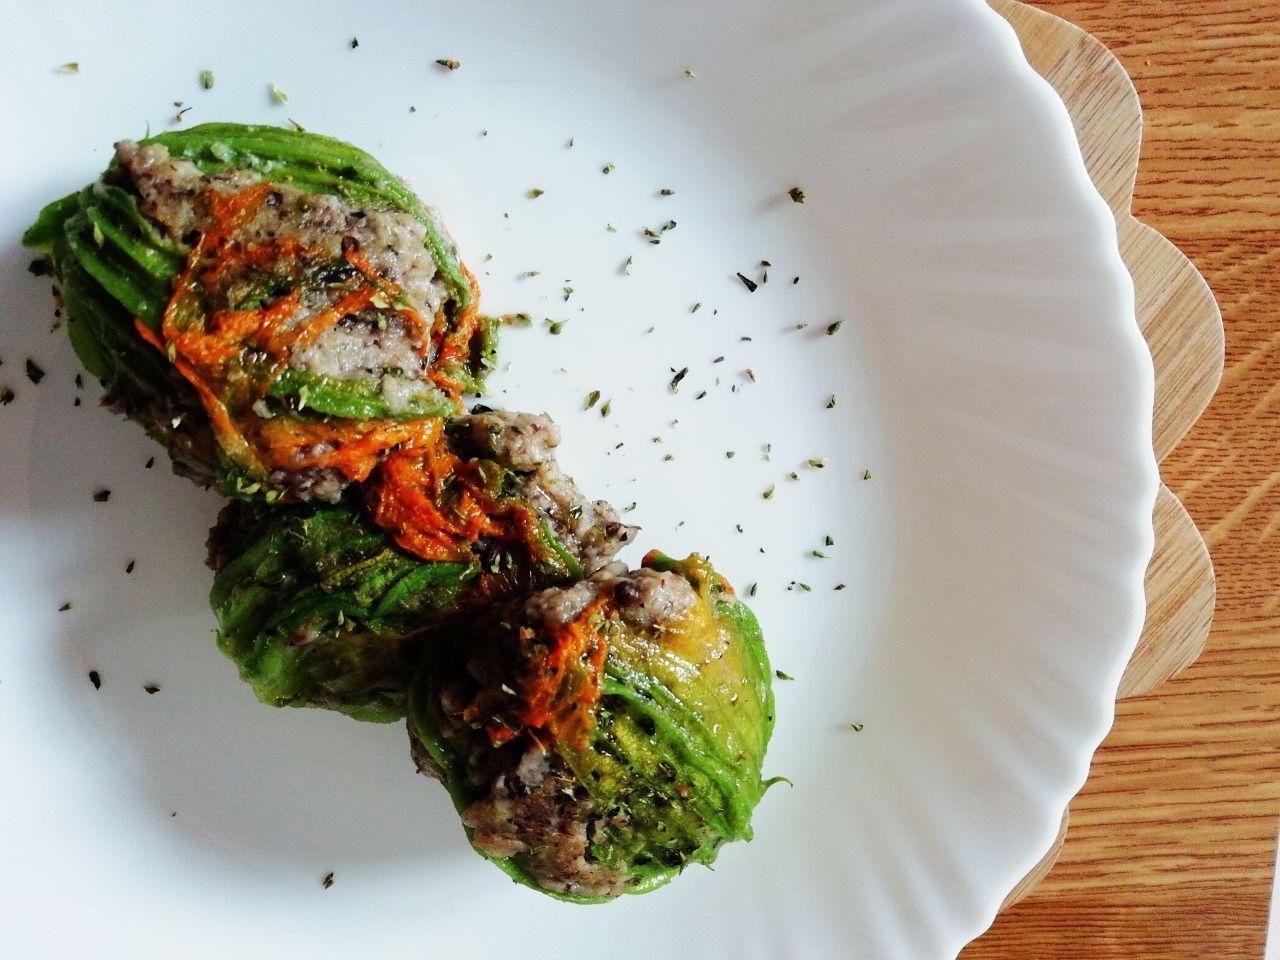 Ricette del riciclo: fiori di zucchina ripieni con legumi, senza formaggio!